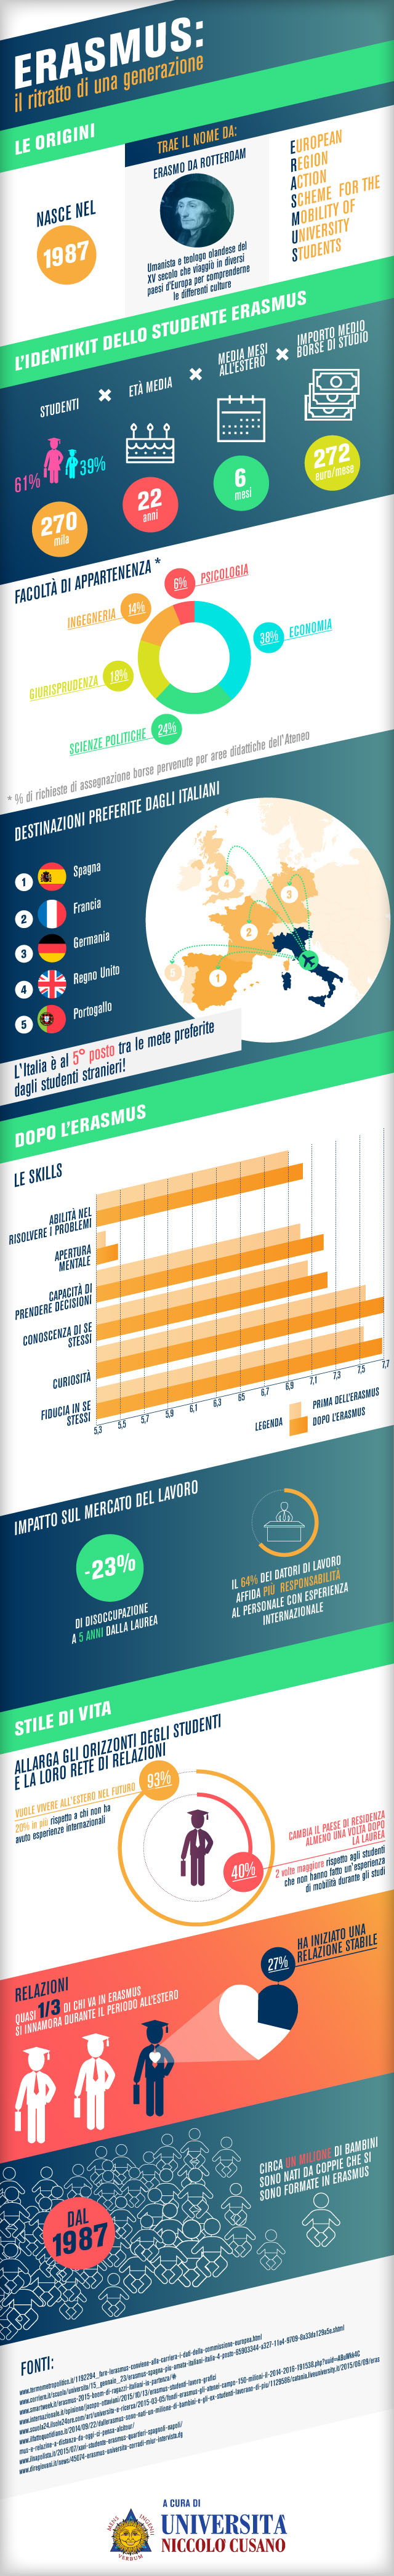 Erasmus: il ritratto di una generazione in un'infografica